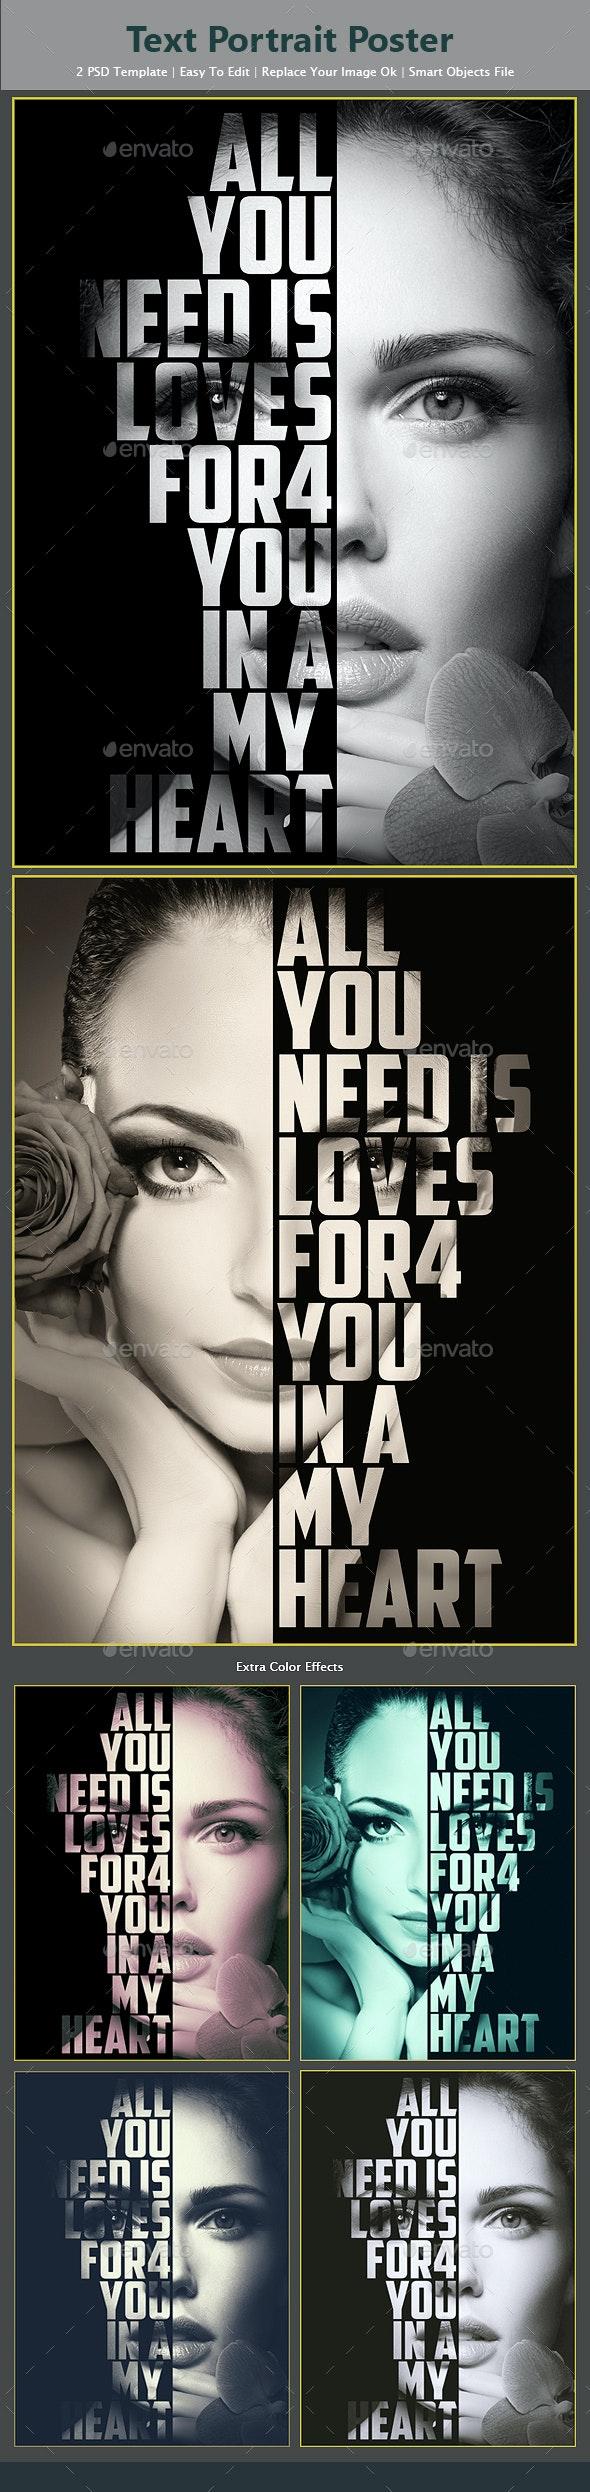 Text Portrait Poster - Photo Templates Graphics